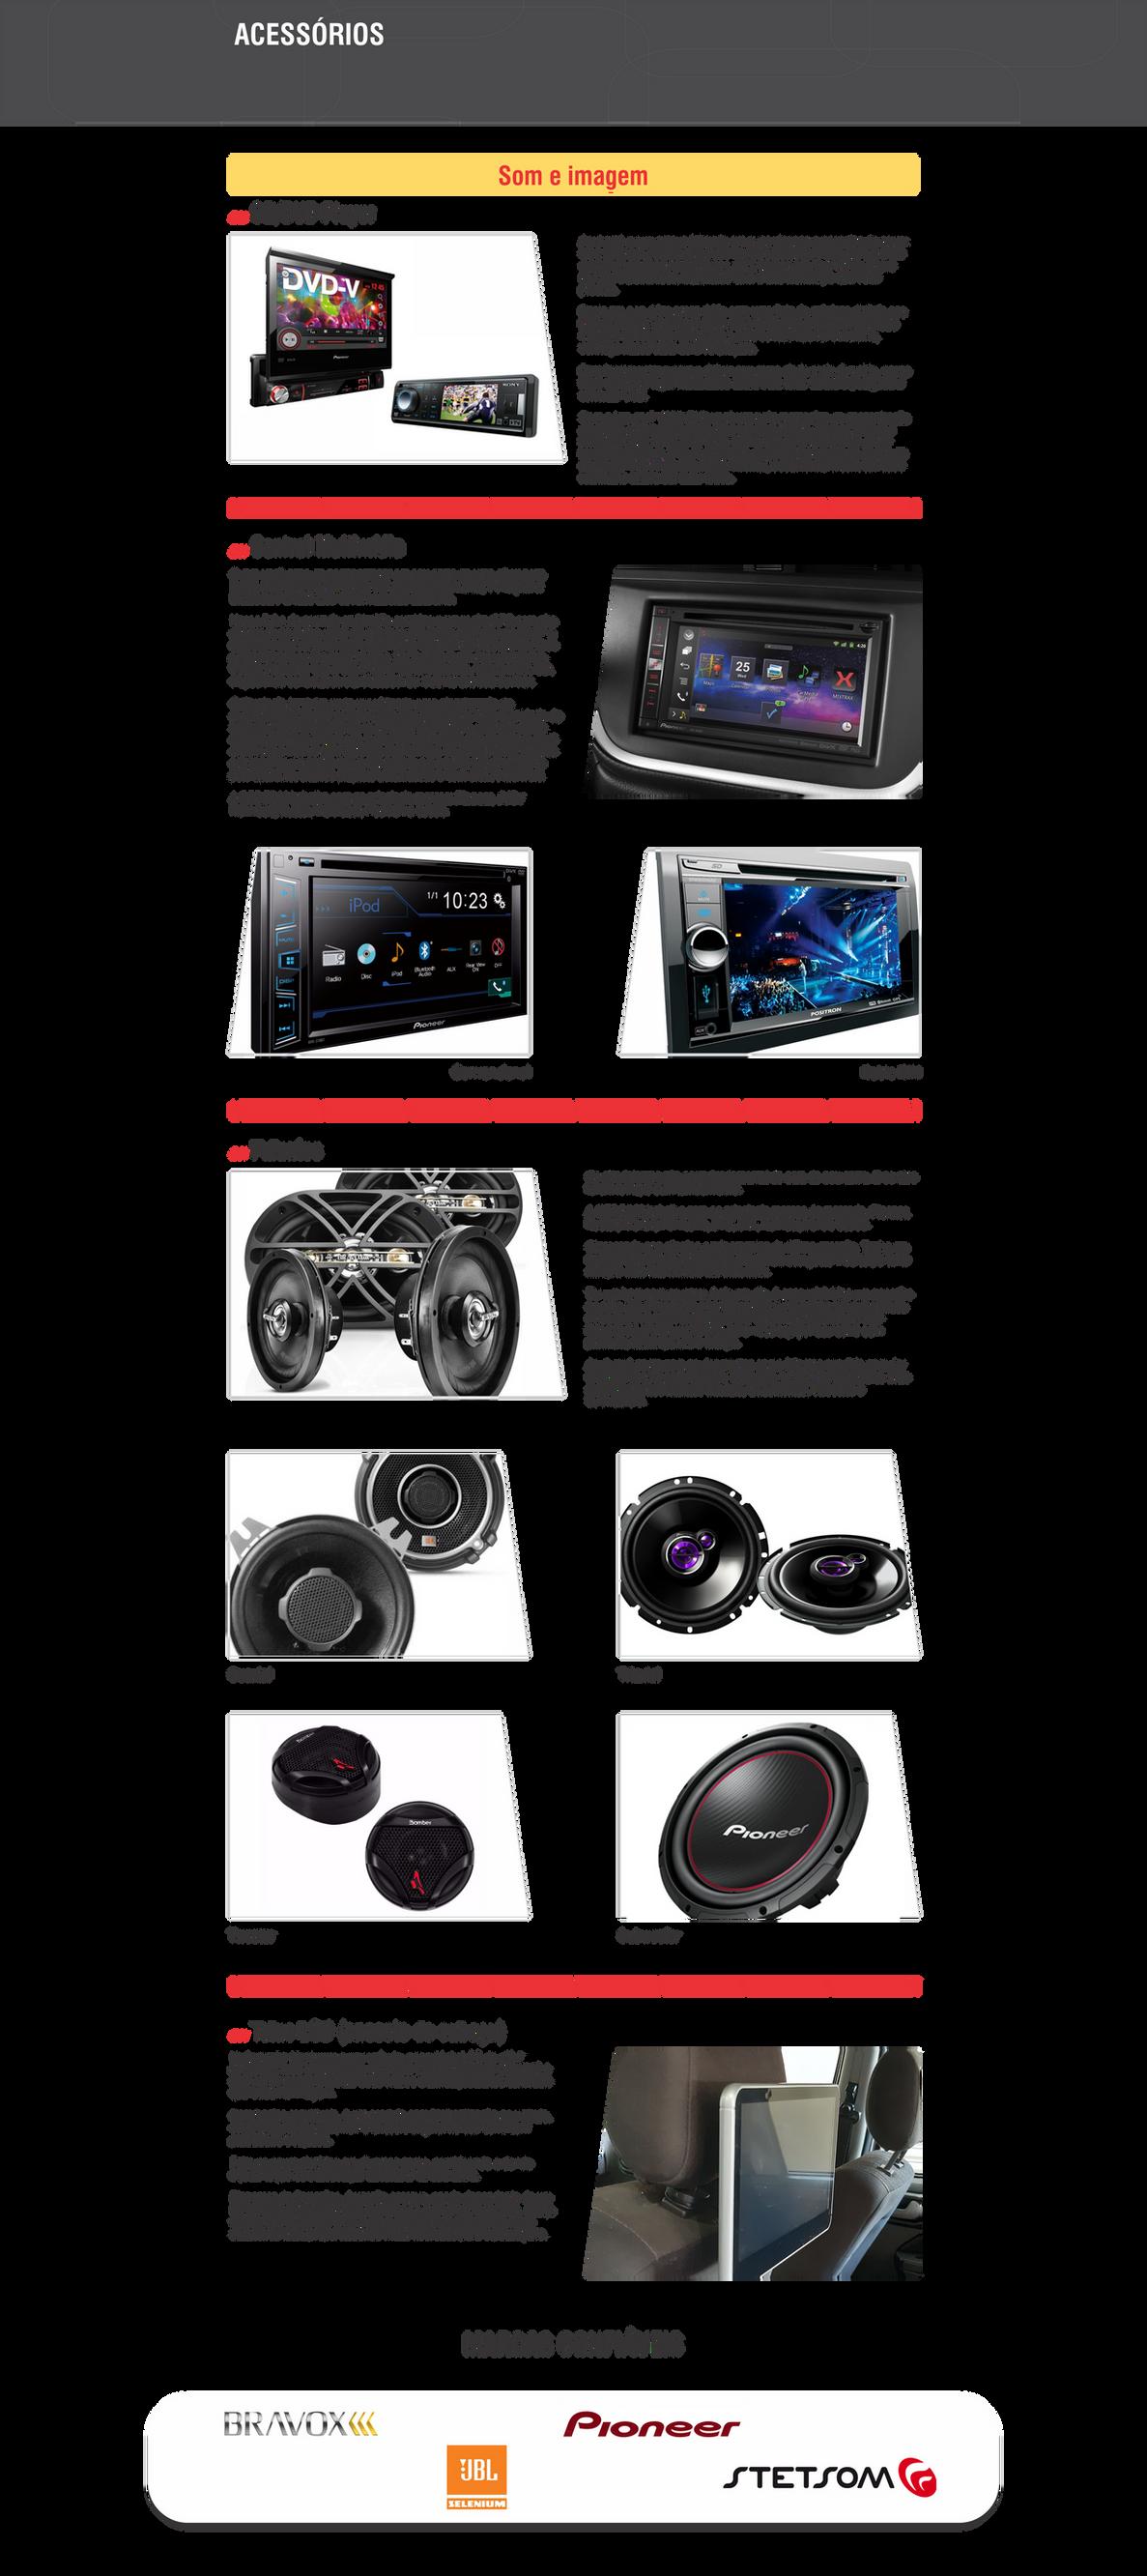 Pagina som e imagem - site wix 2019.png